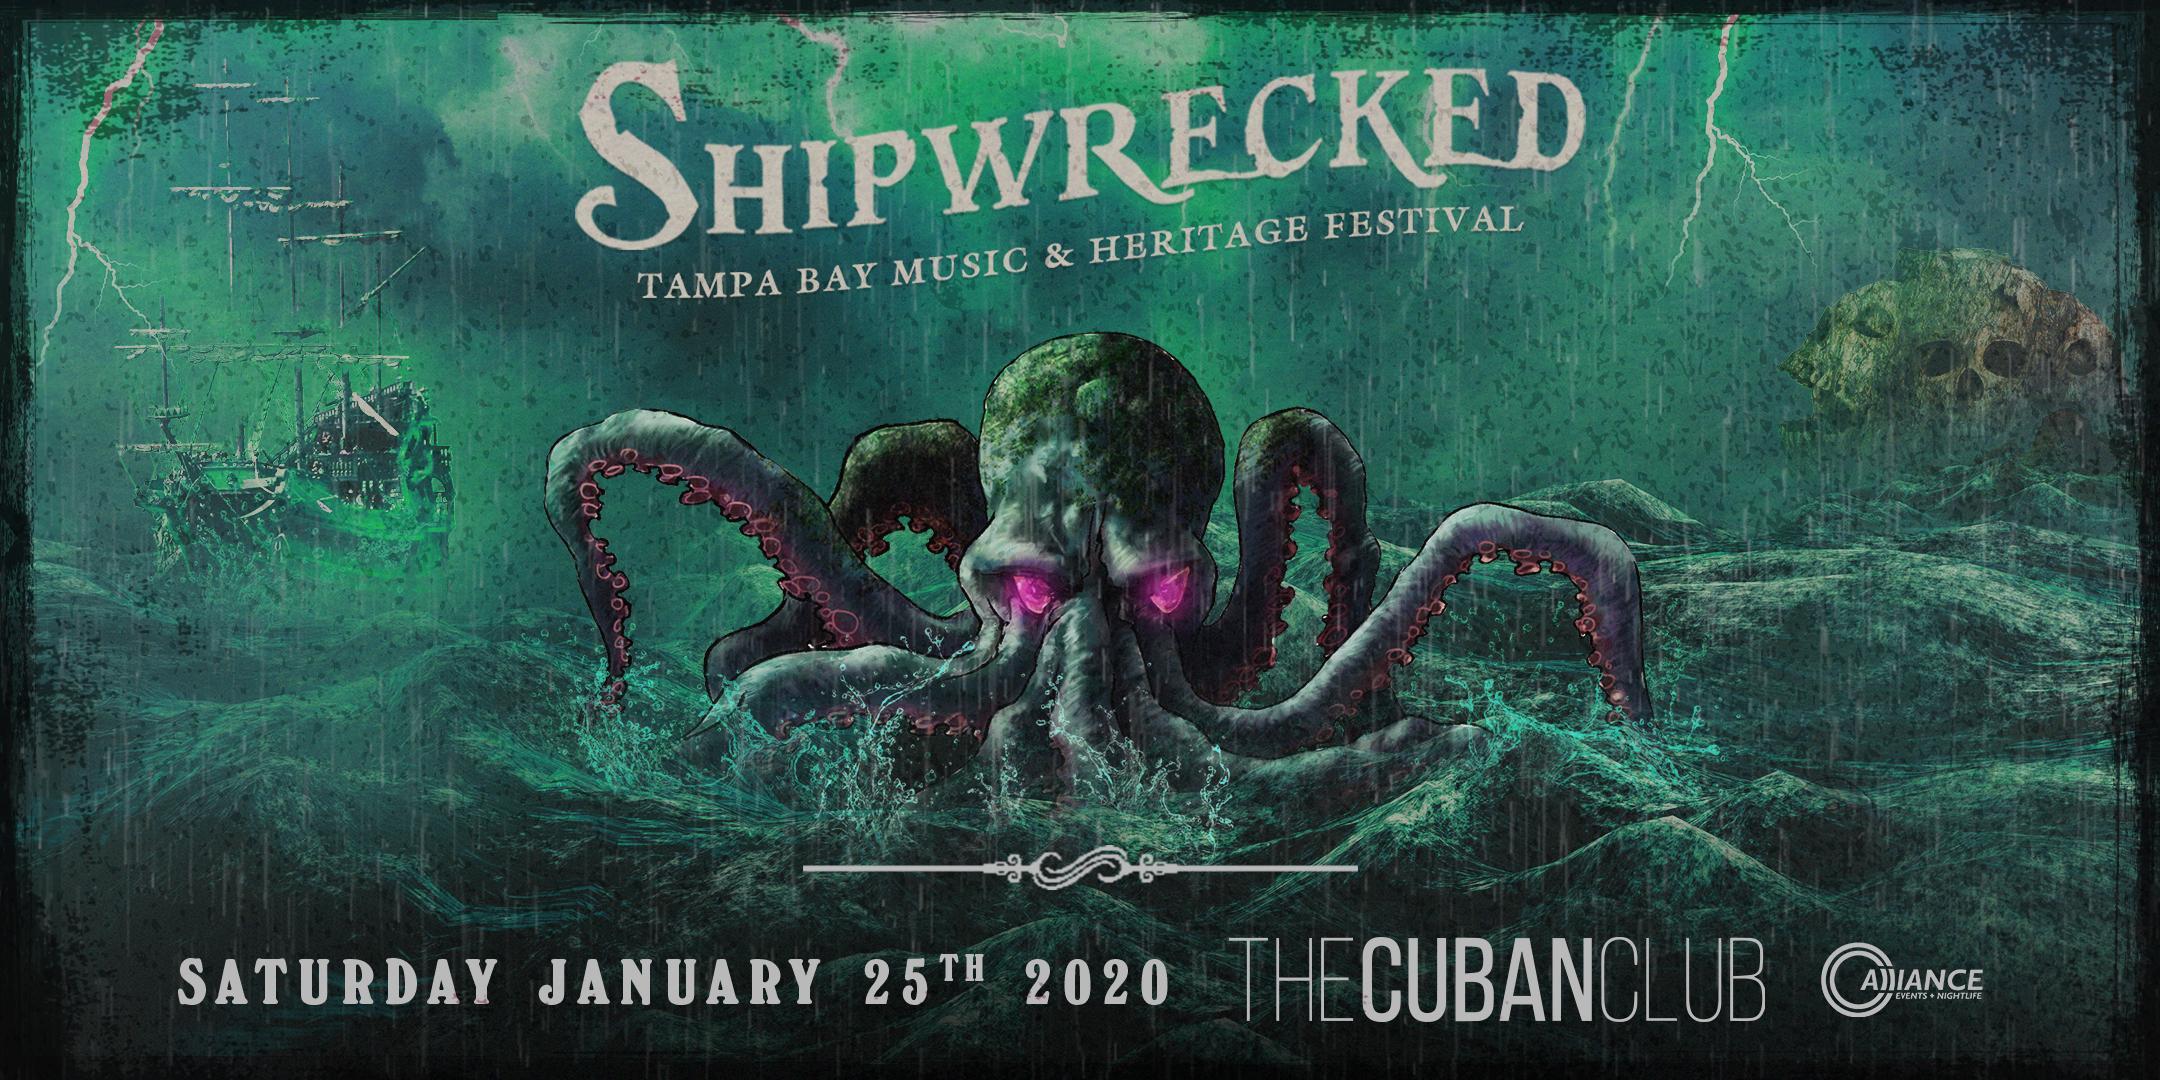 Shipwrecked Music Festival